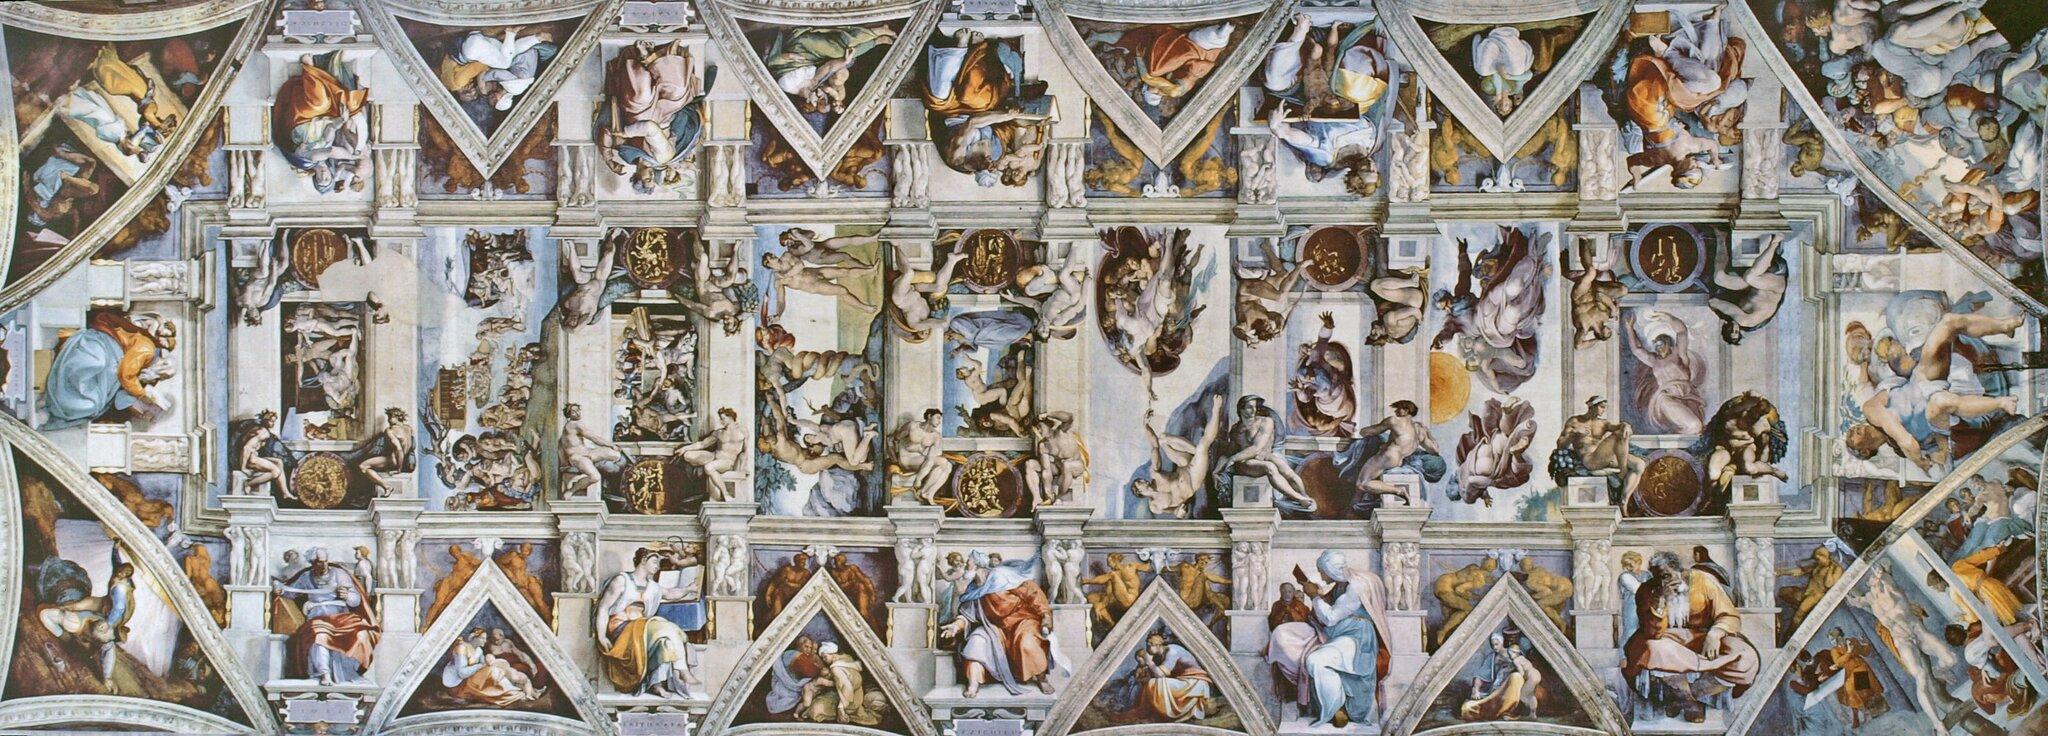 Freski na suficie Kaplicy Sykstyńskiej wWatykanie Freski na suficie Kaplicy Sykstyńskiej wWatykanie Źródło: Michał Anioł, zdjęcie: Qypchak, licencja: CC BY-SA 3.0.